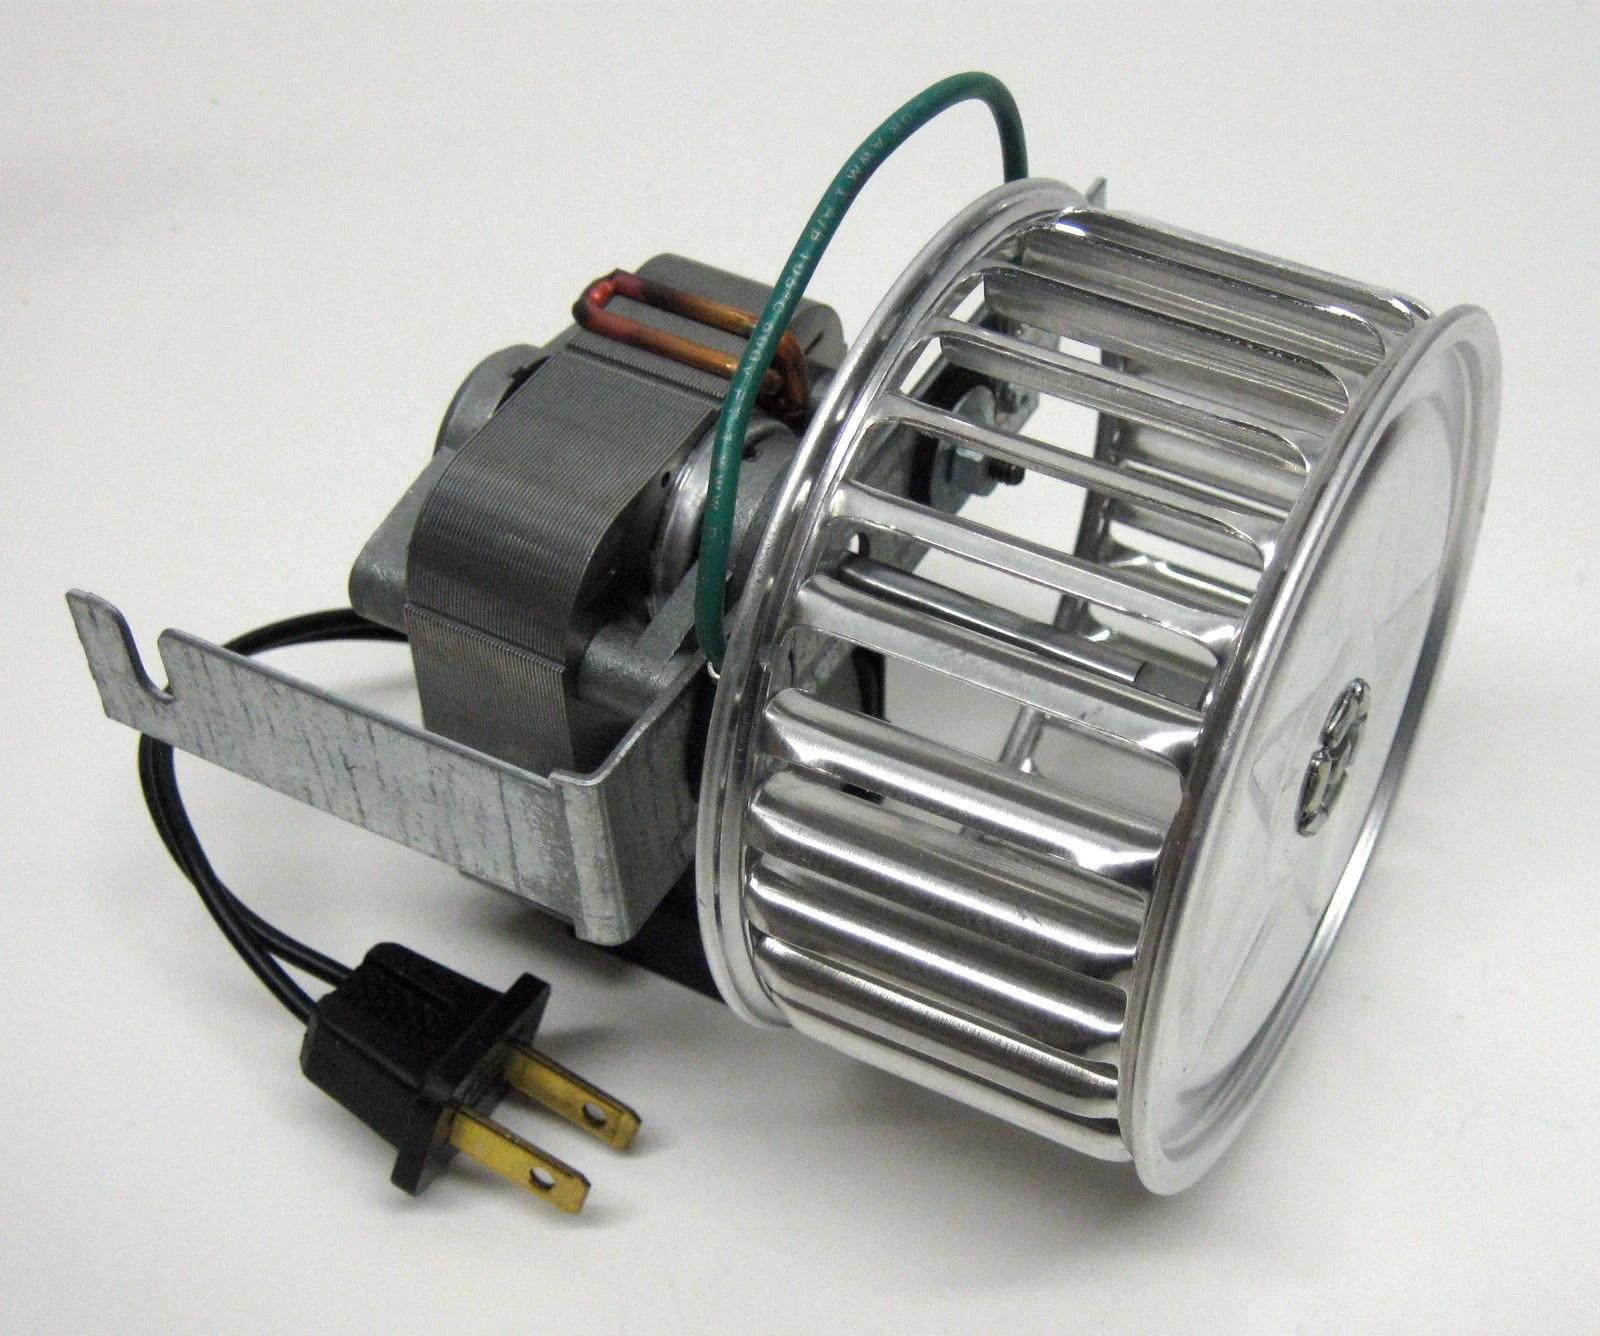 82229000 nutone broan oem vent bath fan motor for model 9415 c 82230 walmart com